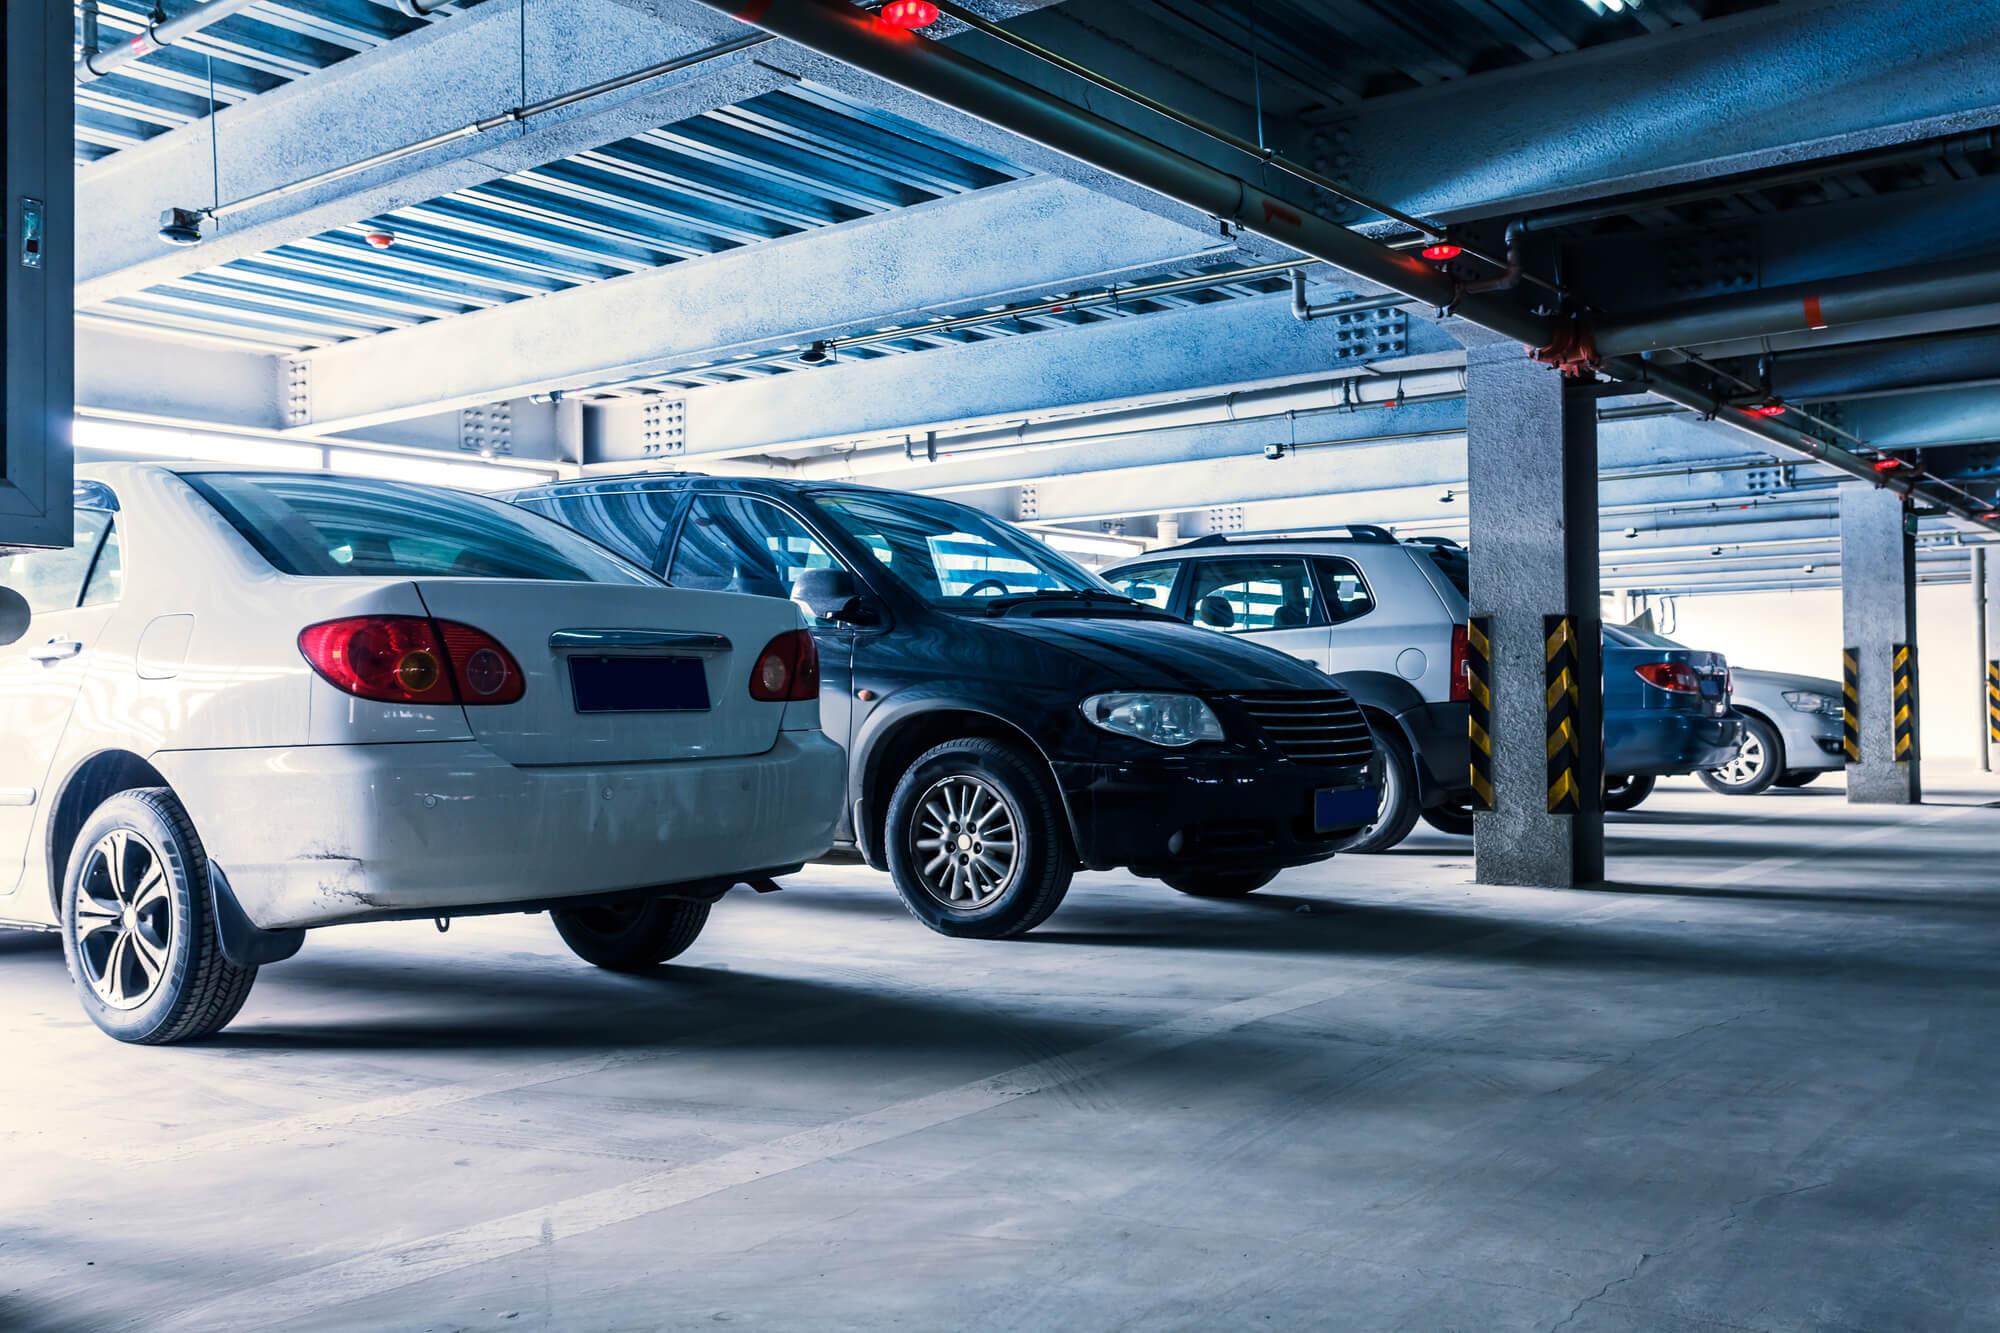 Carro parado na garagem: cuidados